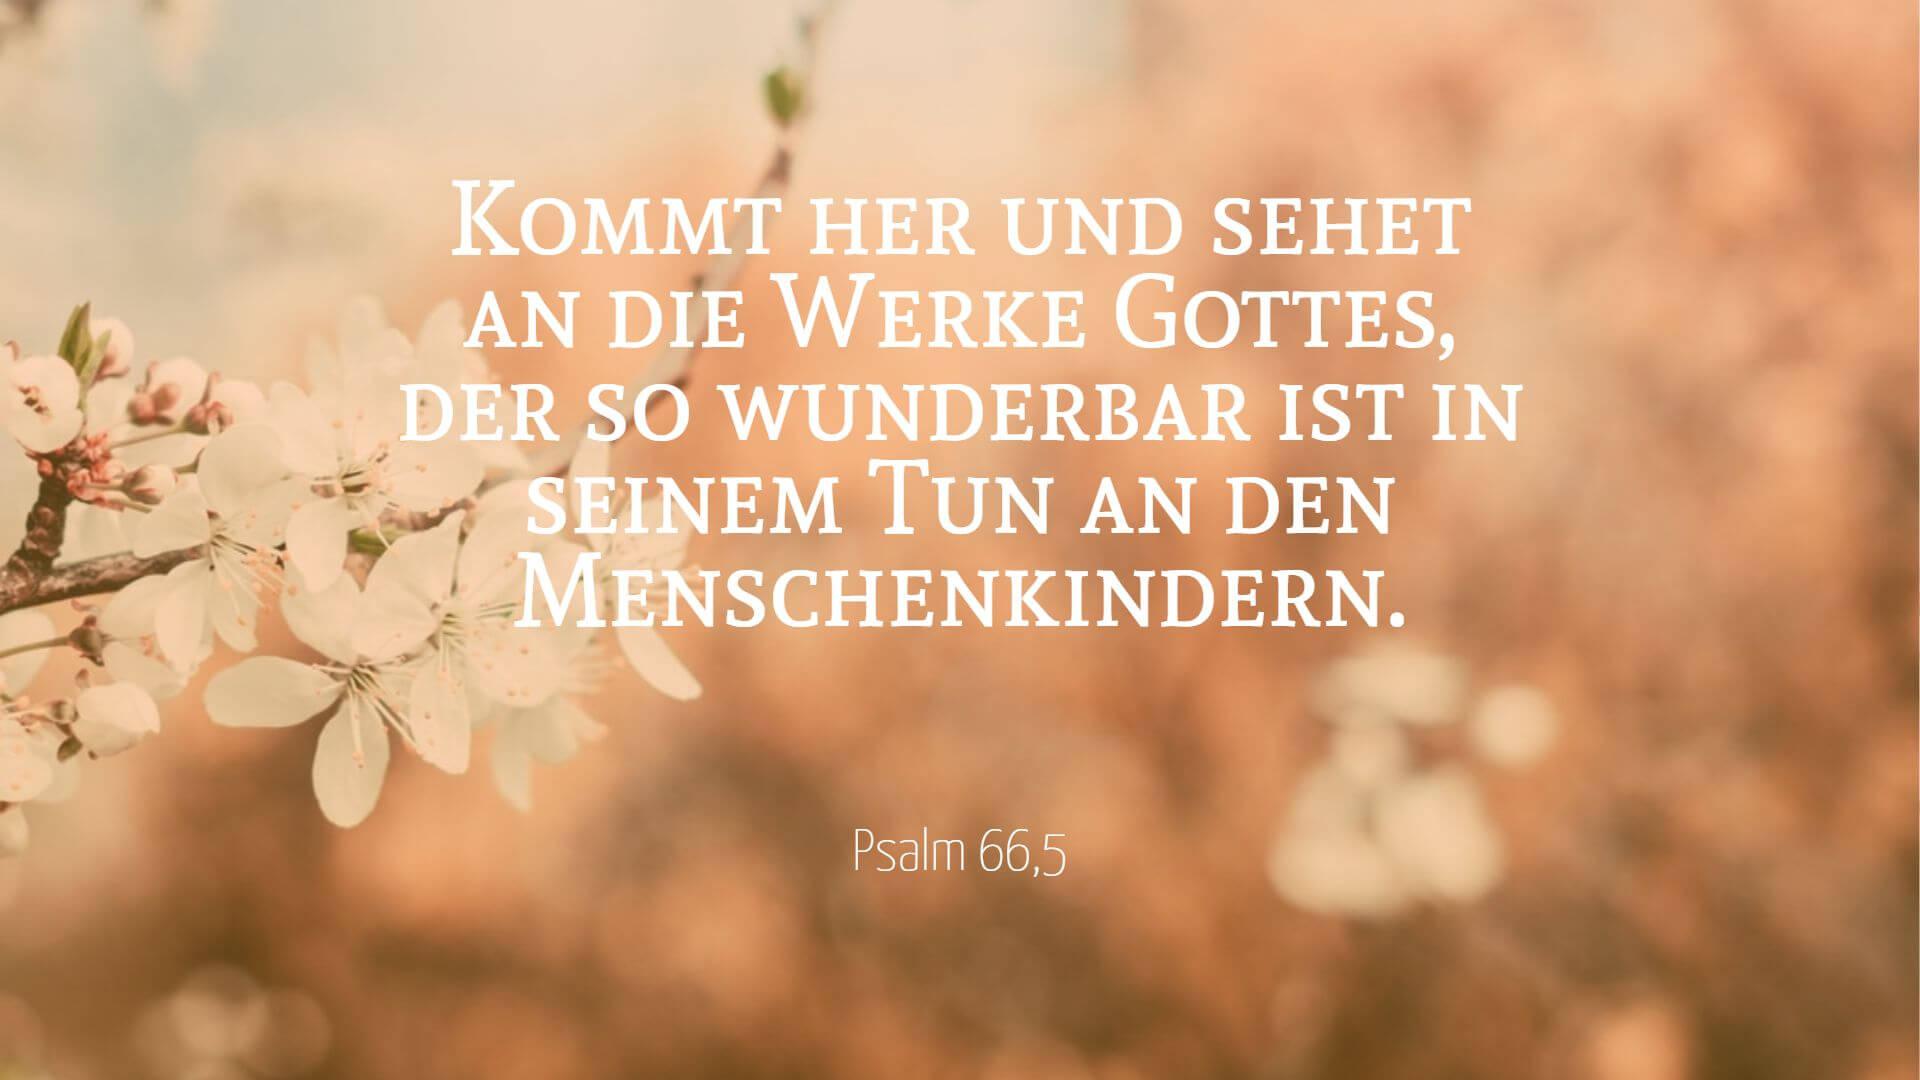 Kommt her und sehet an die Werke Gottes, der so wunderbar ist in seinem Tun an den Menschenkindern. - Psalm 66,5